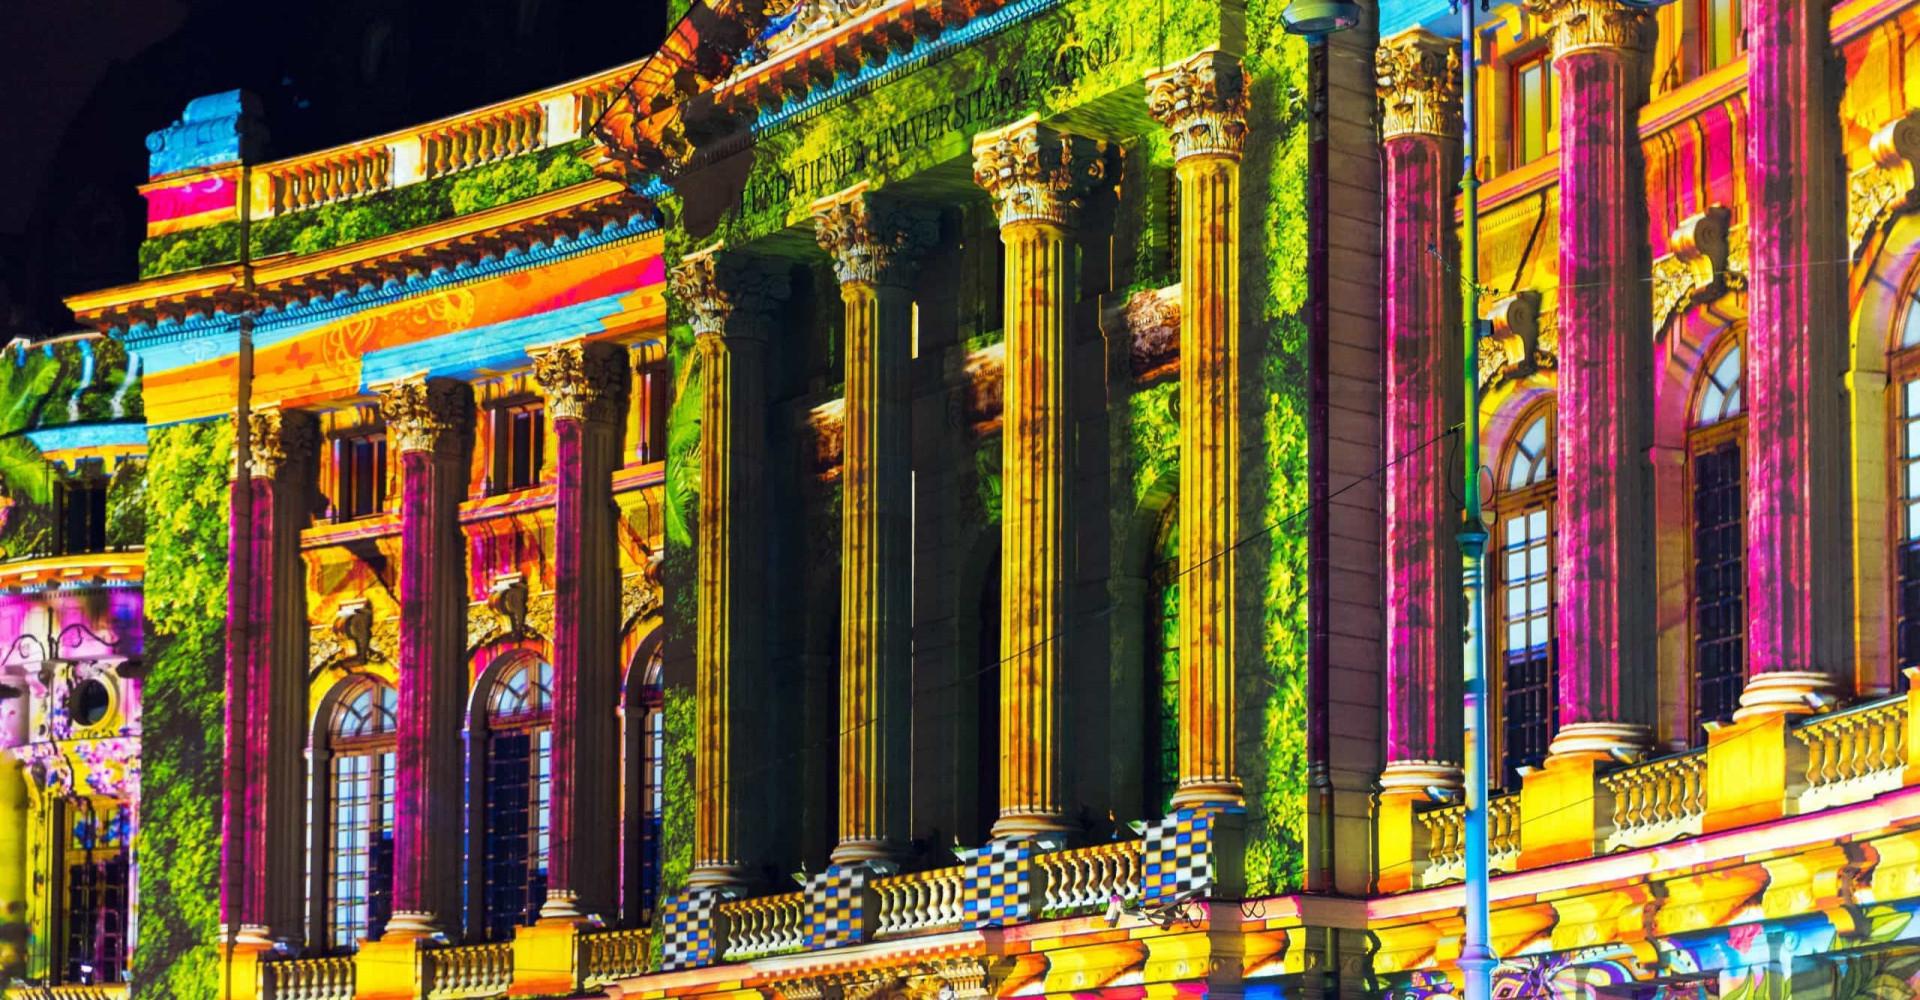 De mest fantastiske lysfestivaler i Europa